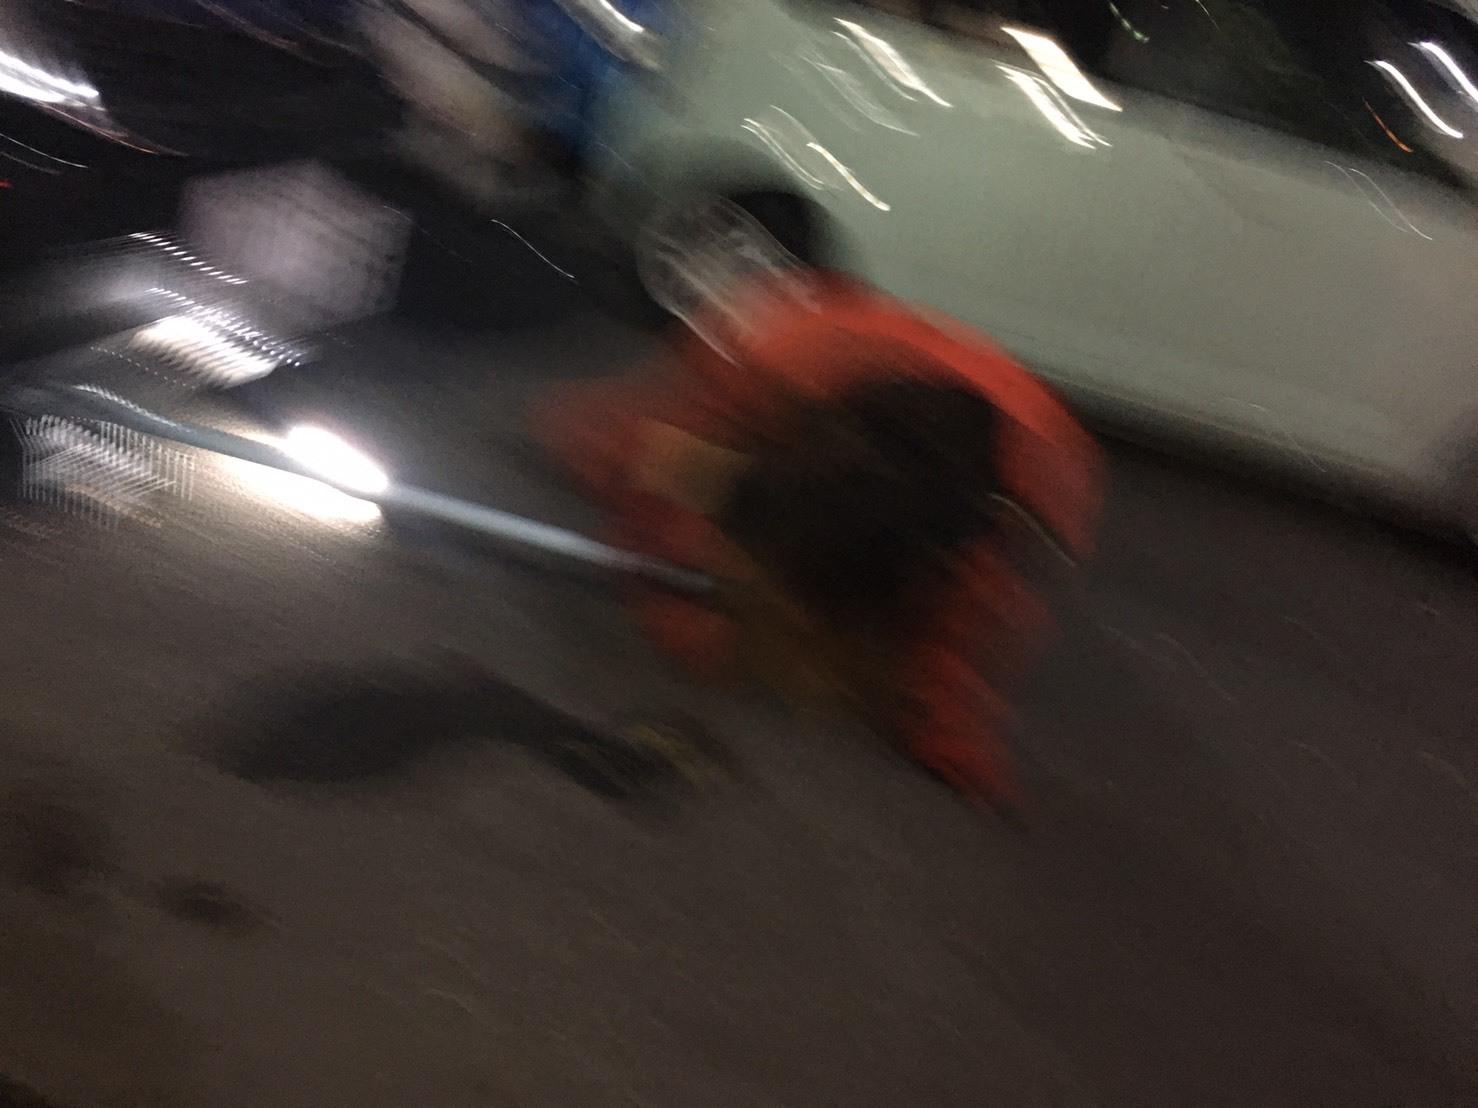 11月9日(土)☆TOMMYアウトレット☆あゆブログ٩( ๑╹ ꇴ╹)۶ ウィッシュH様ご成約♪タイヤ交換殺到中!_b0127002_18130080.jpg